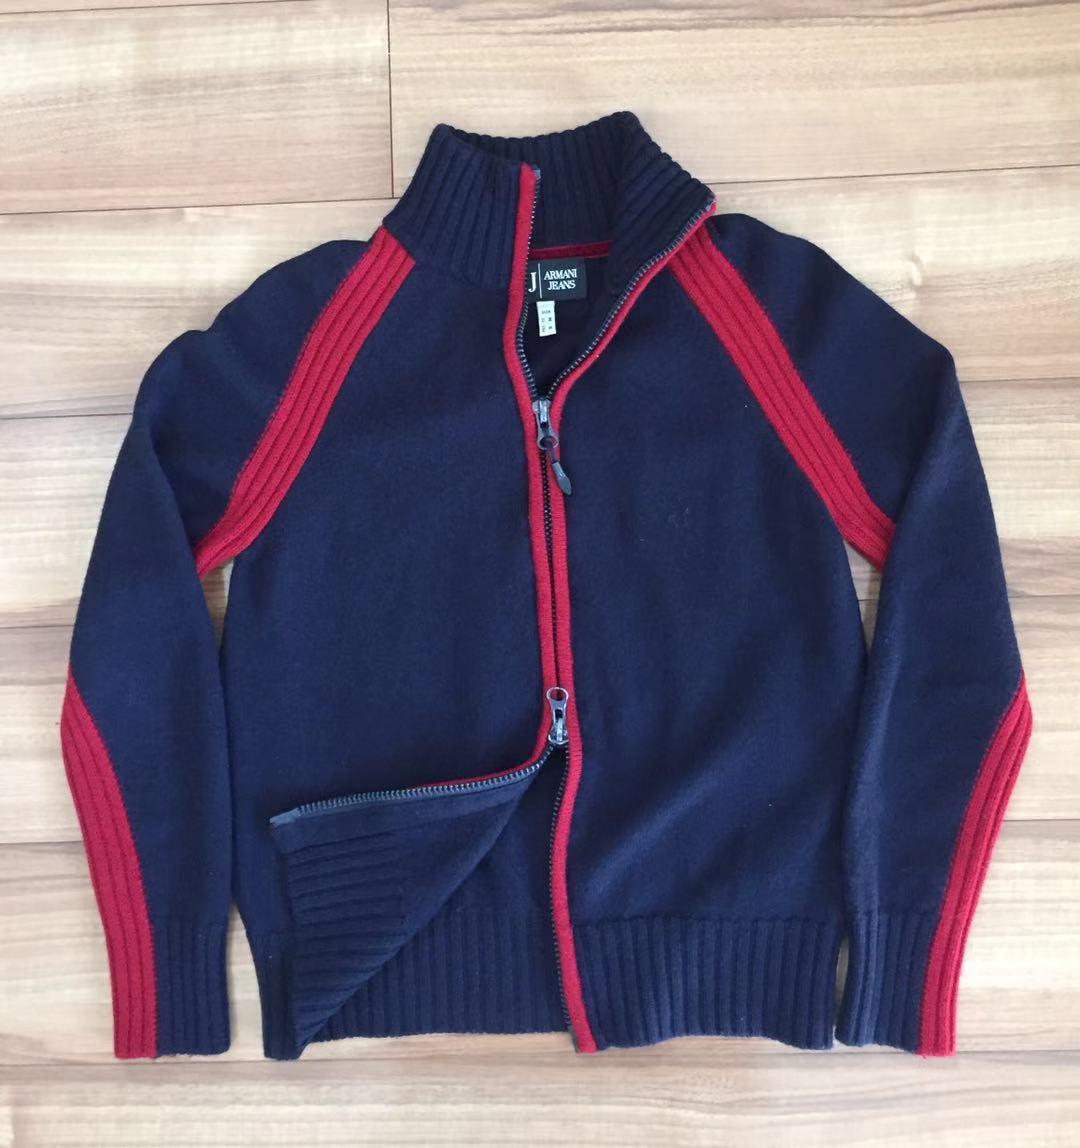 AJ アルマーニジーンズ・フルジップニットジャケット・S・ネイビー×レッド・リトアニア(欧州)製_画像2